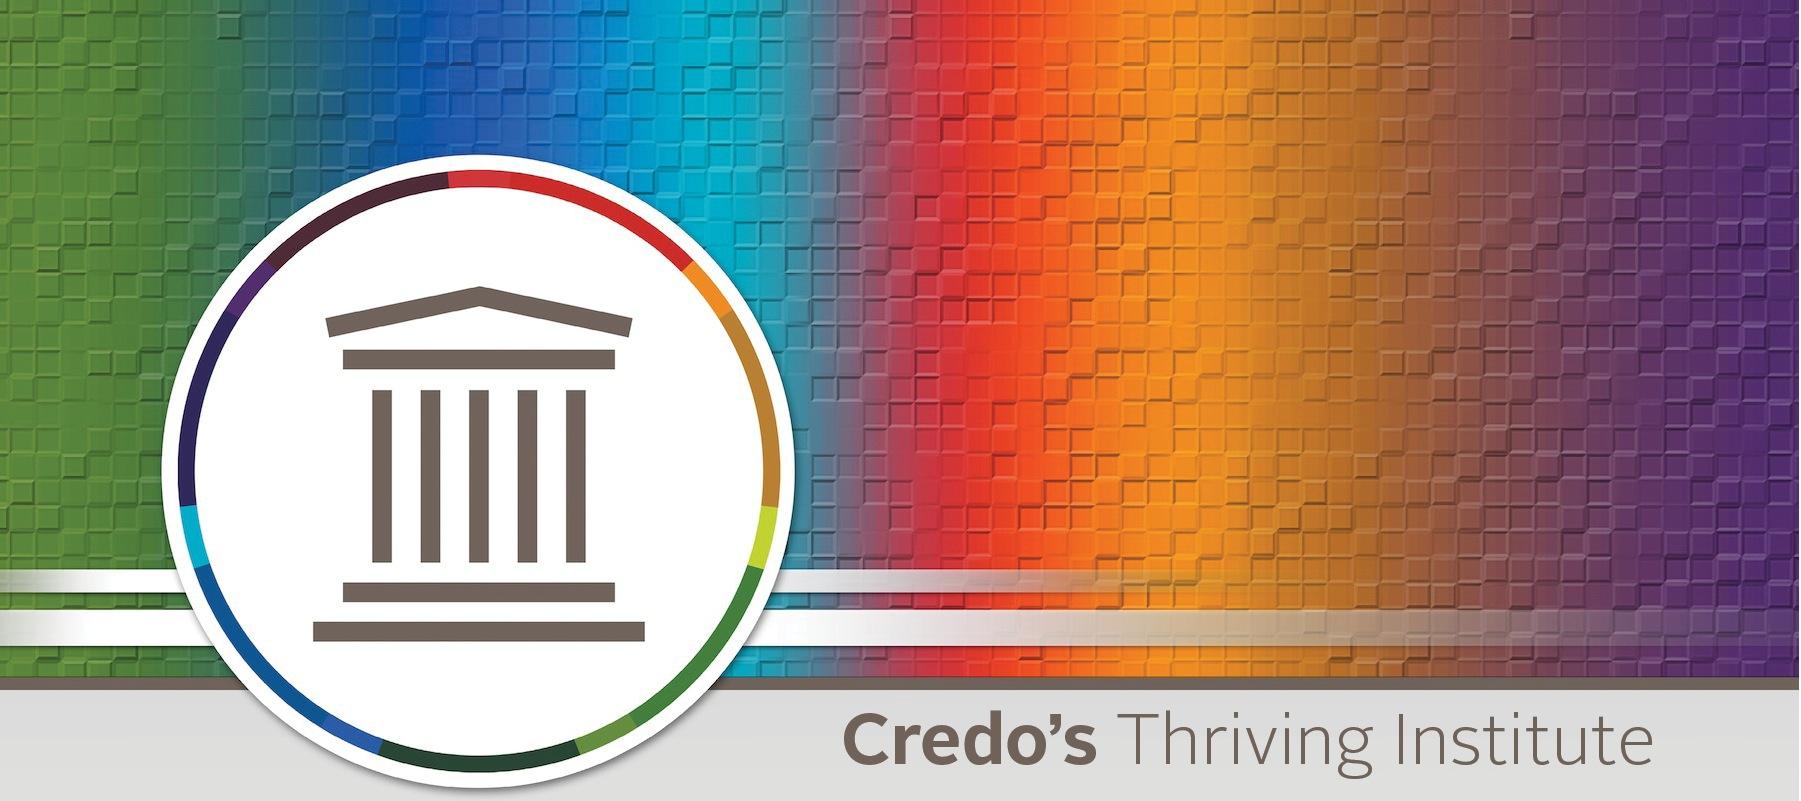 Credo Thriving Institute (CTI) 2016